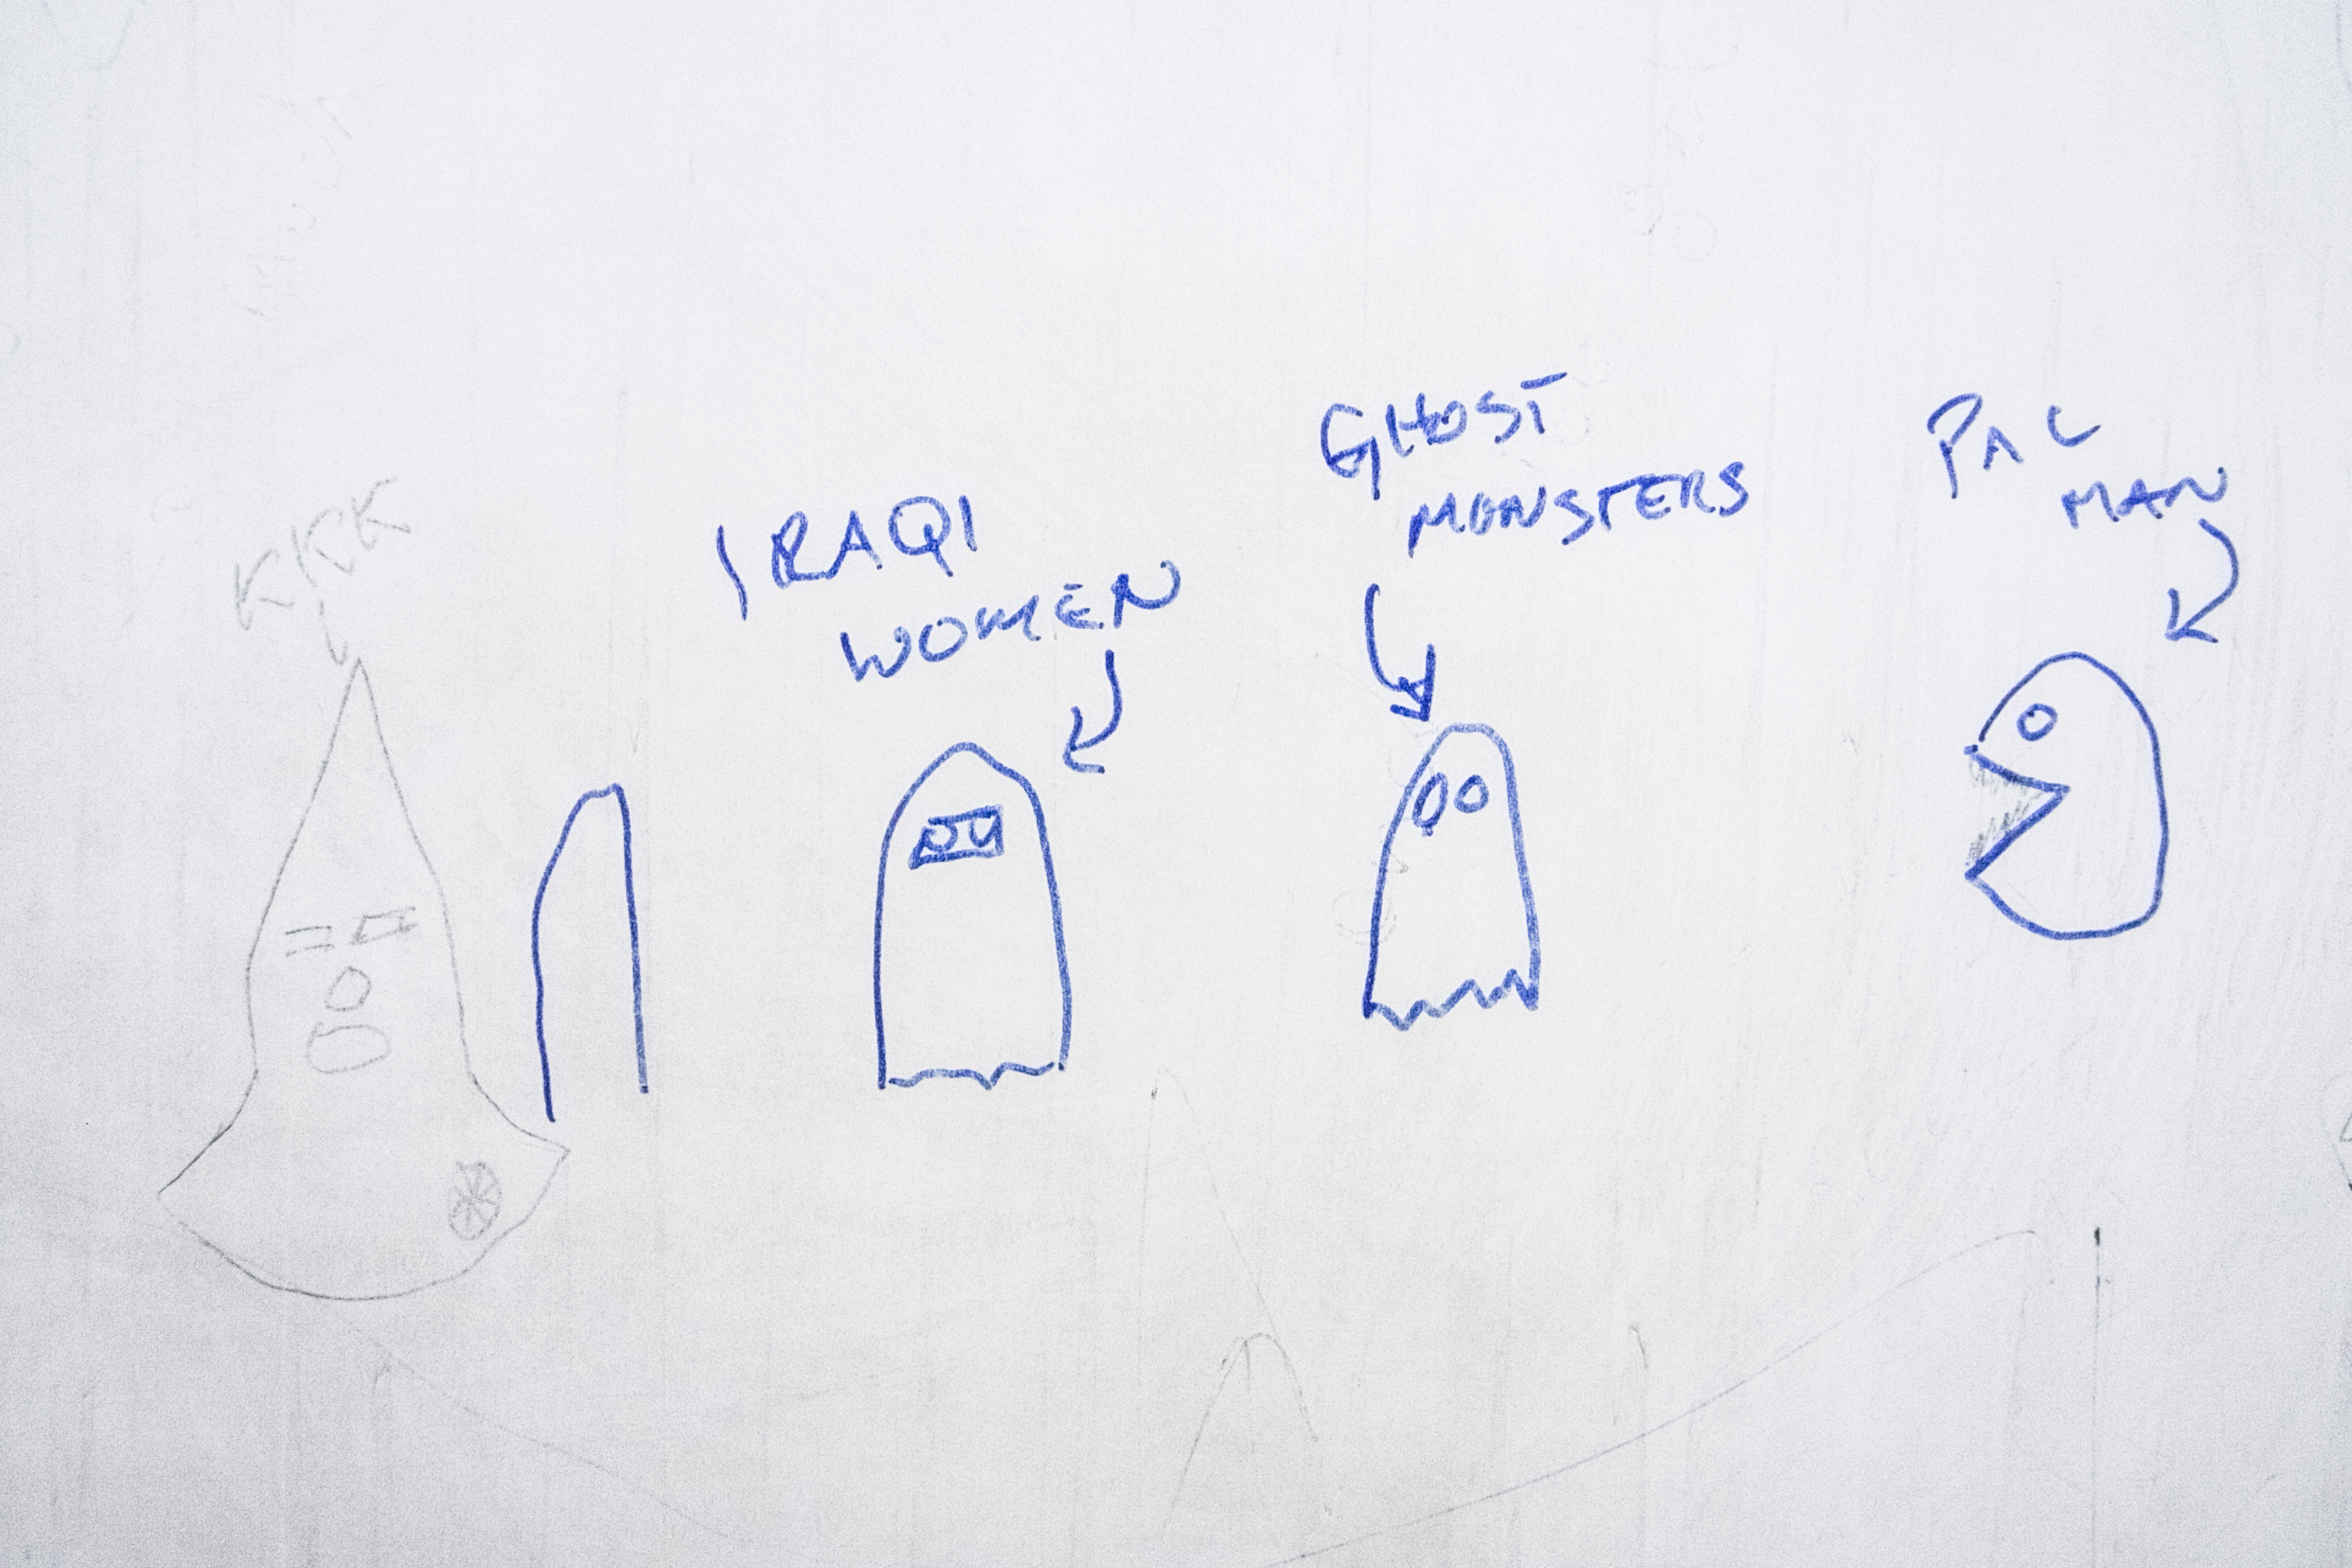 Graffiti written by soldiers on the walls of bathroom stalls. Kuwait, Ali Al Salem. 2006